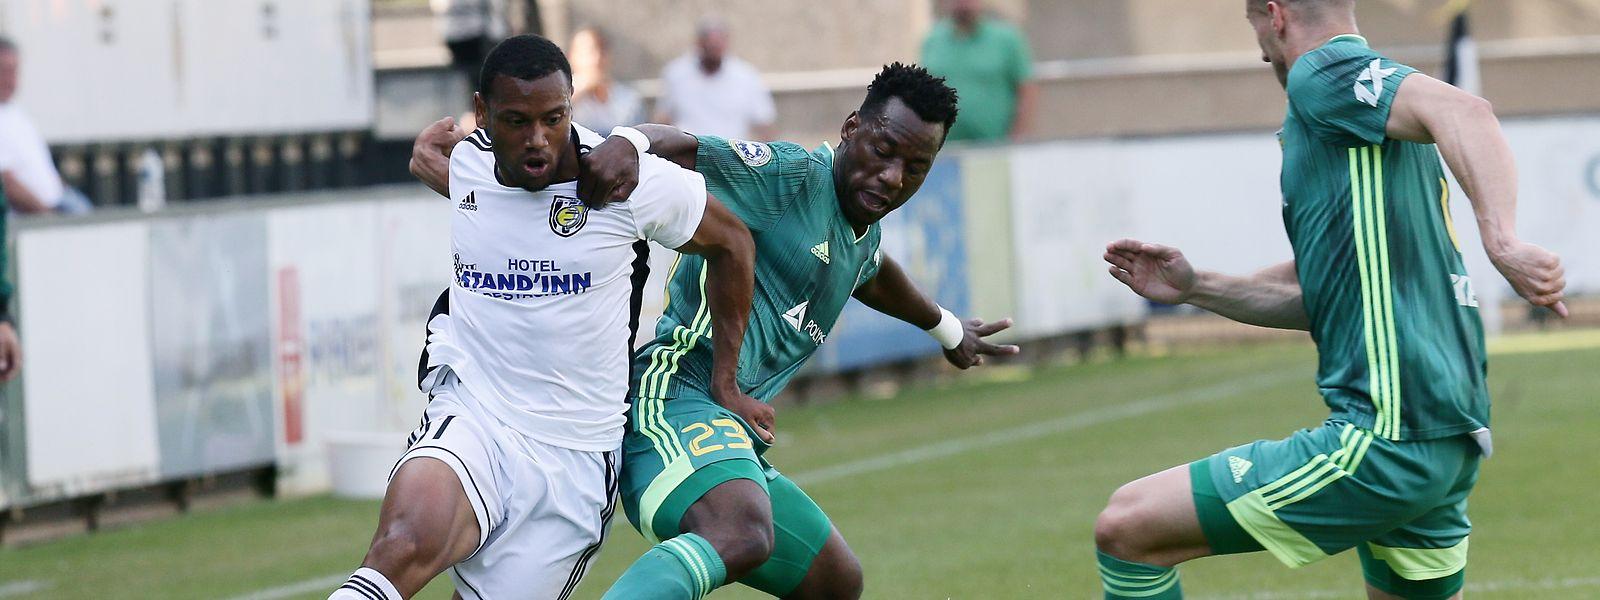 Yannick Makota (de branco) foi um perigo constante para a defesa do Tobol.